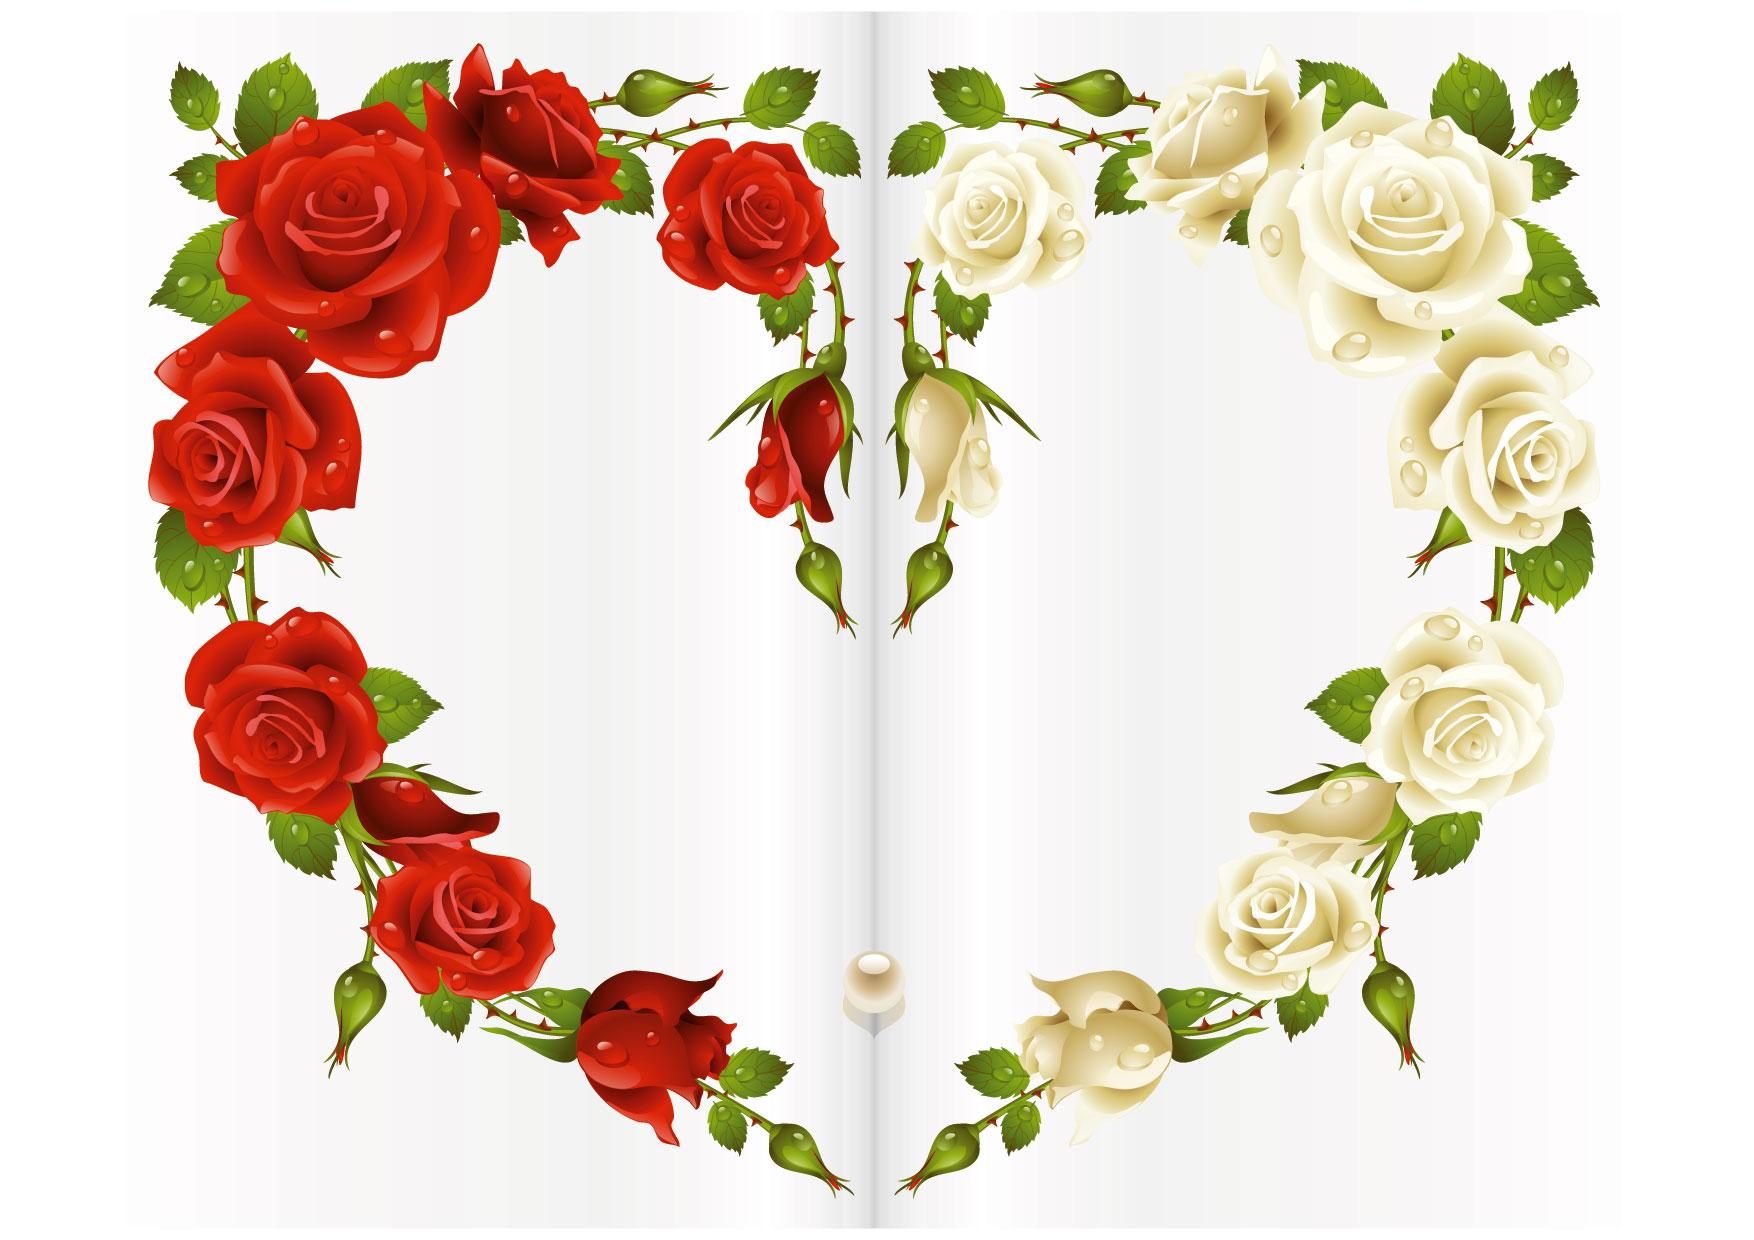 Dolcissimo biglietto cuore con rose per i vostri auguri più belli.